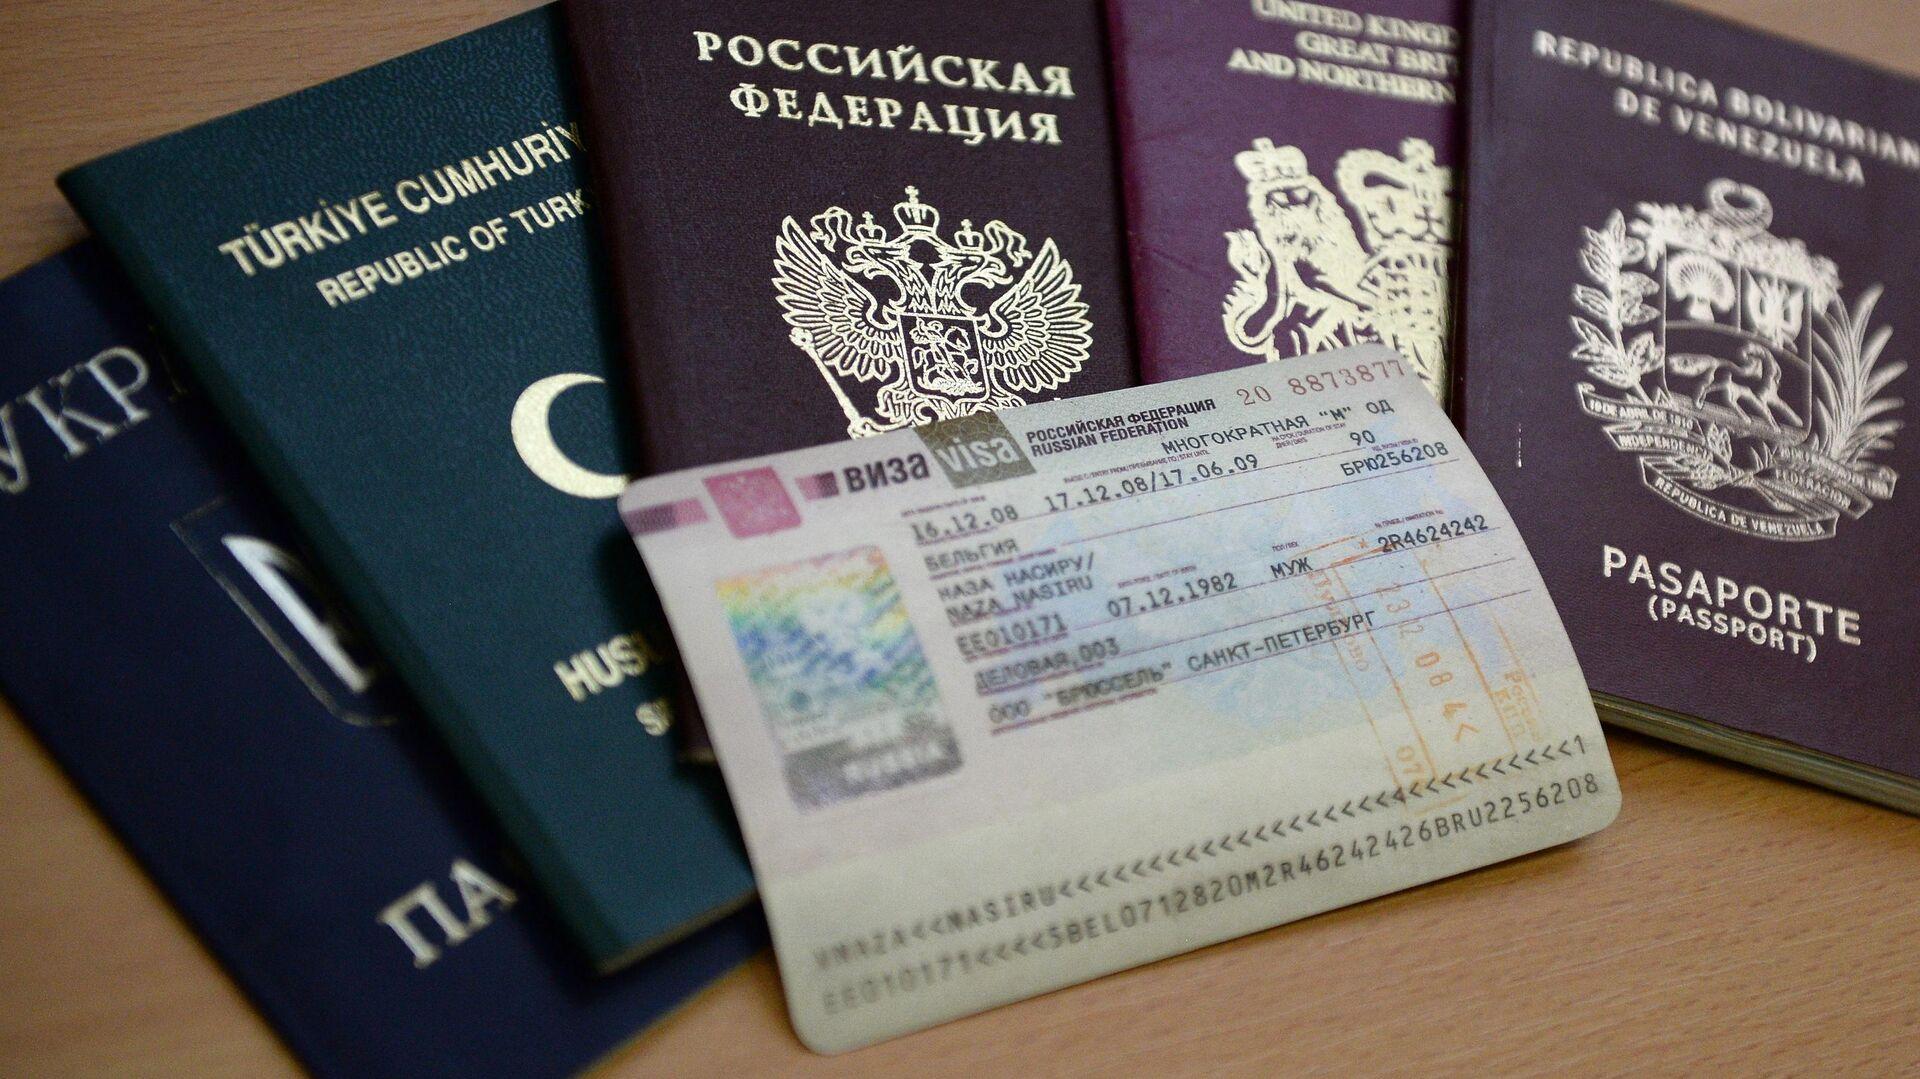 Паспорта и визы - РИА Новости, 1920, 27.07.2020